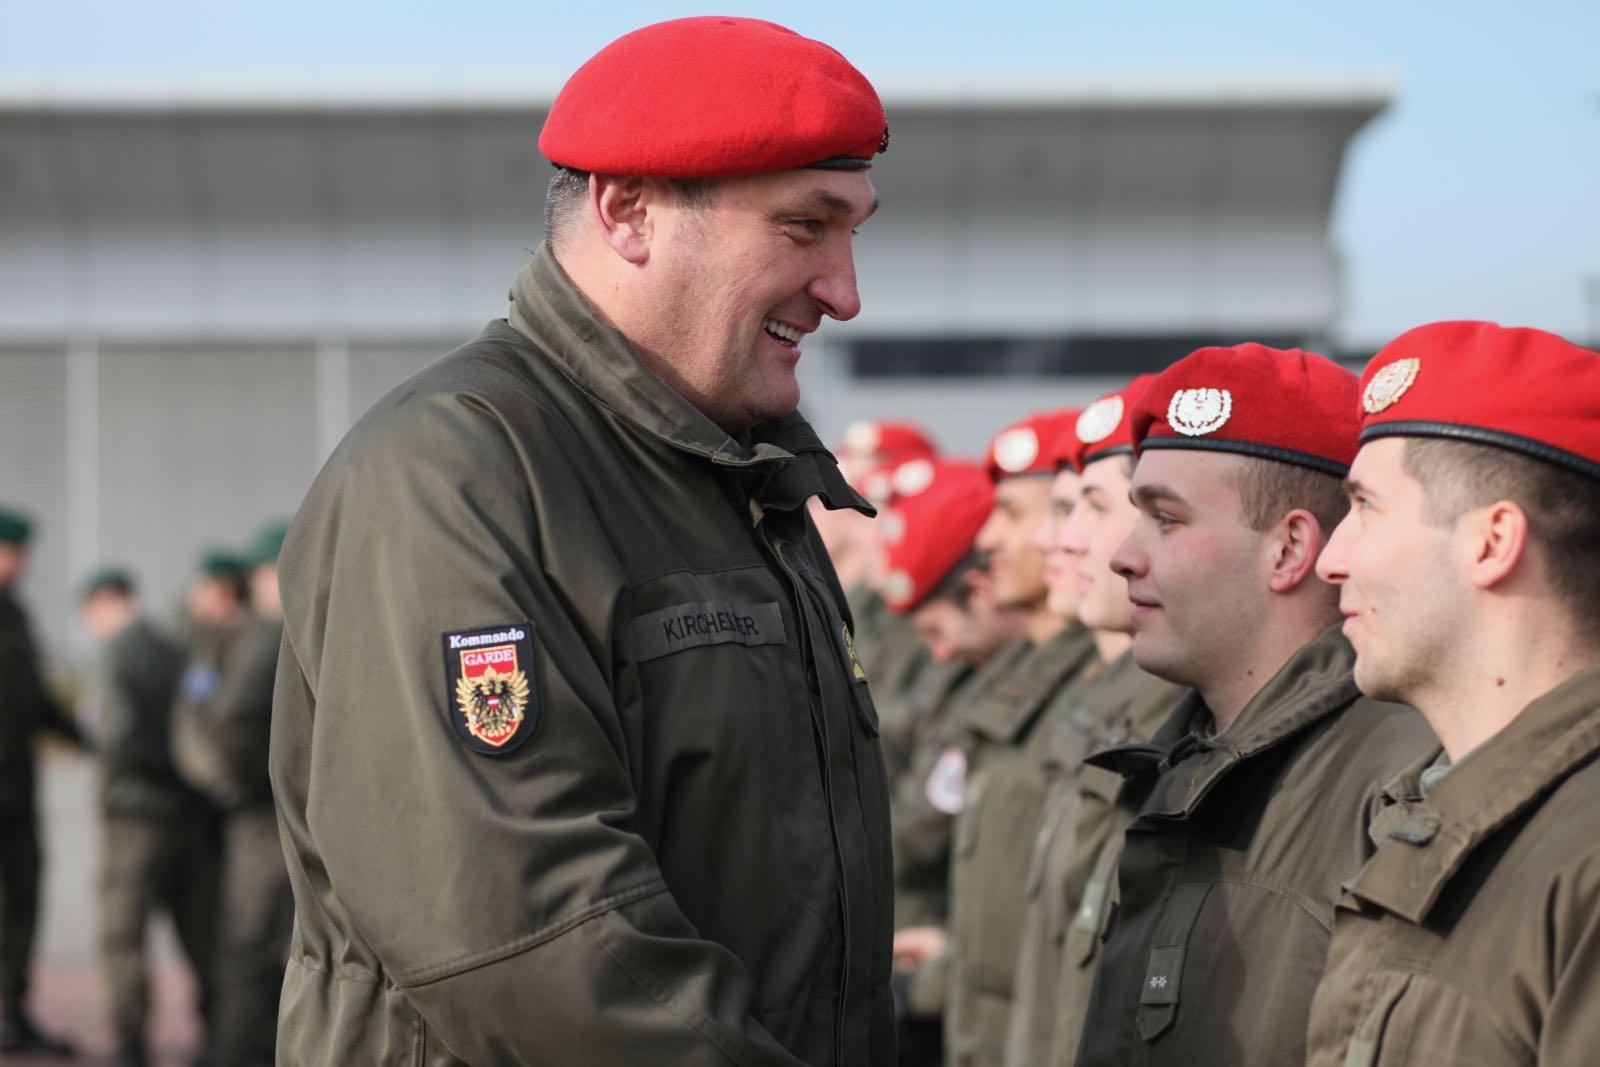 2019_02_08_5Gardekompanie_KPE_EUFOR30_Verabschiedung - 54 of 61